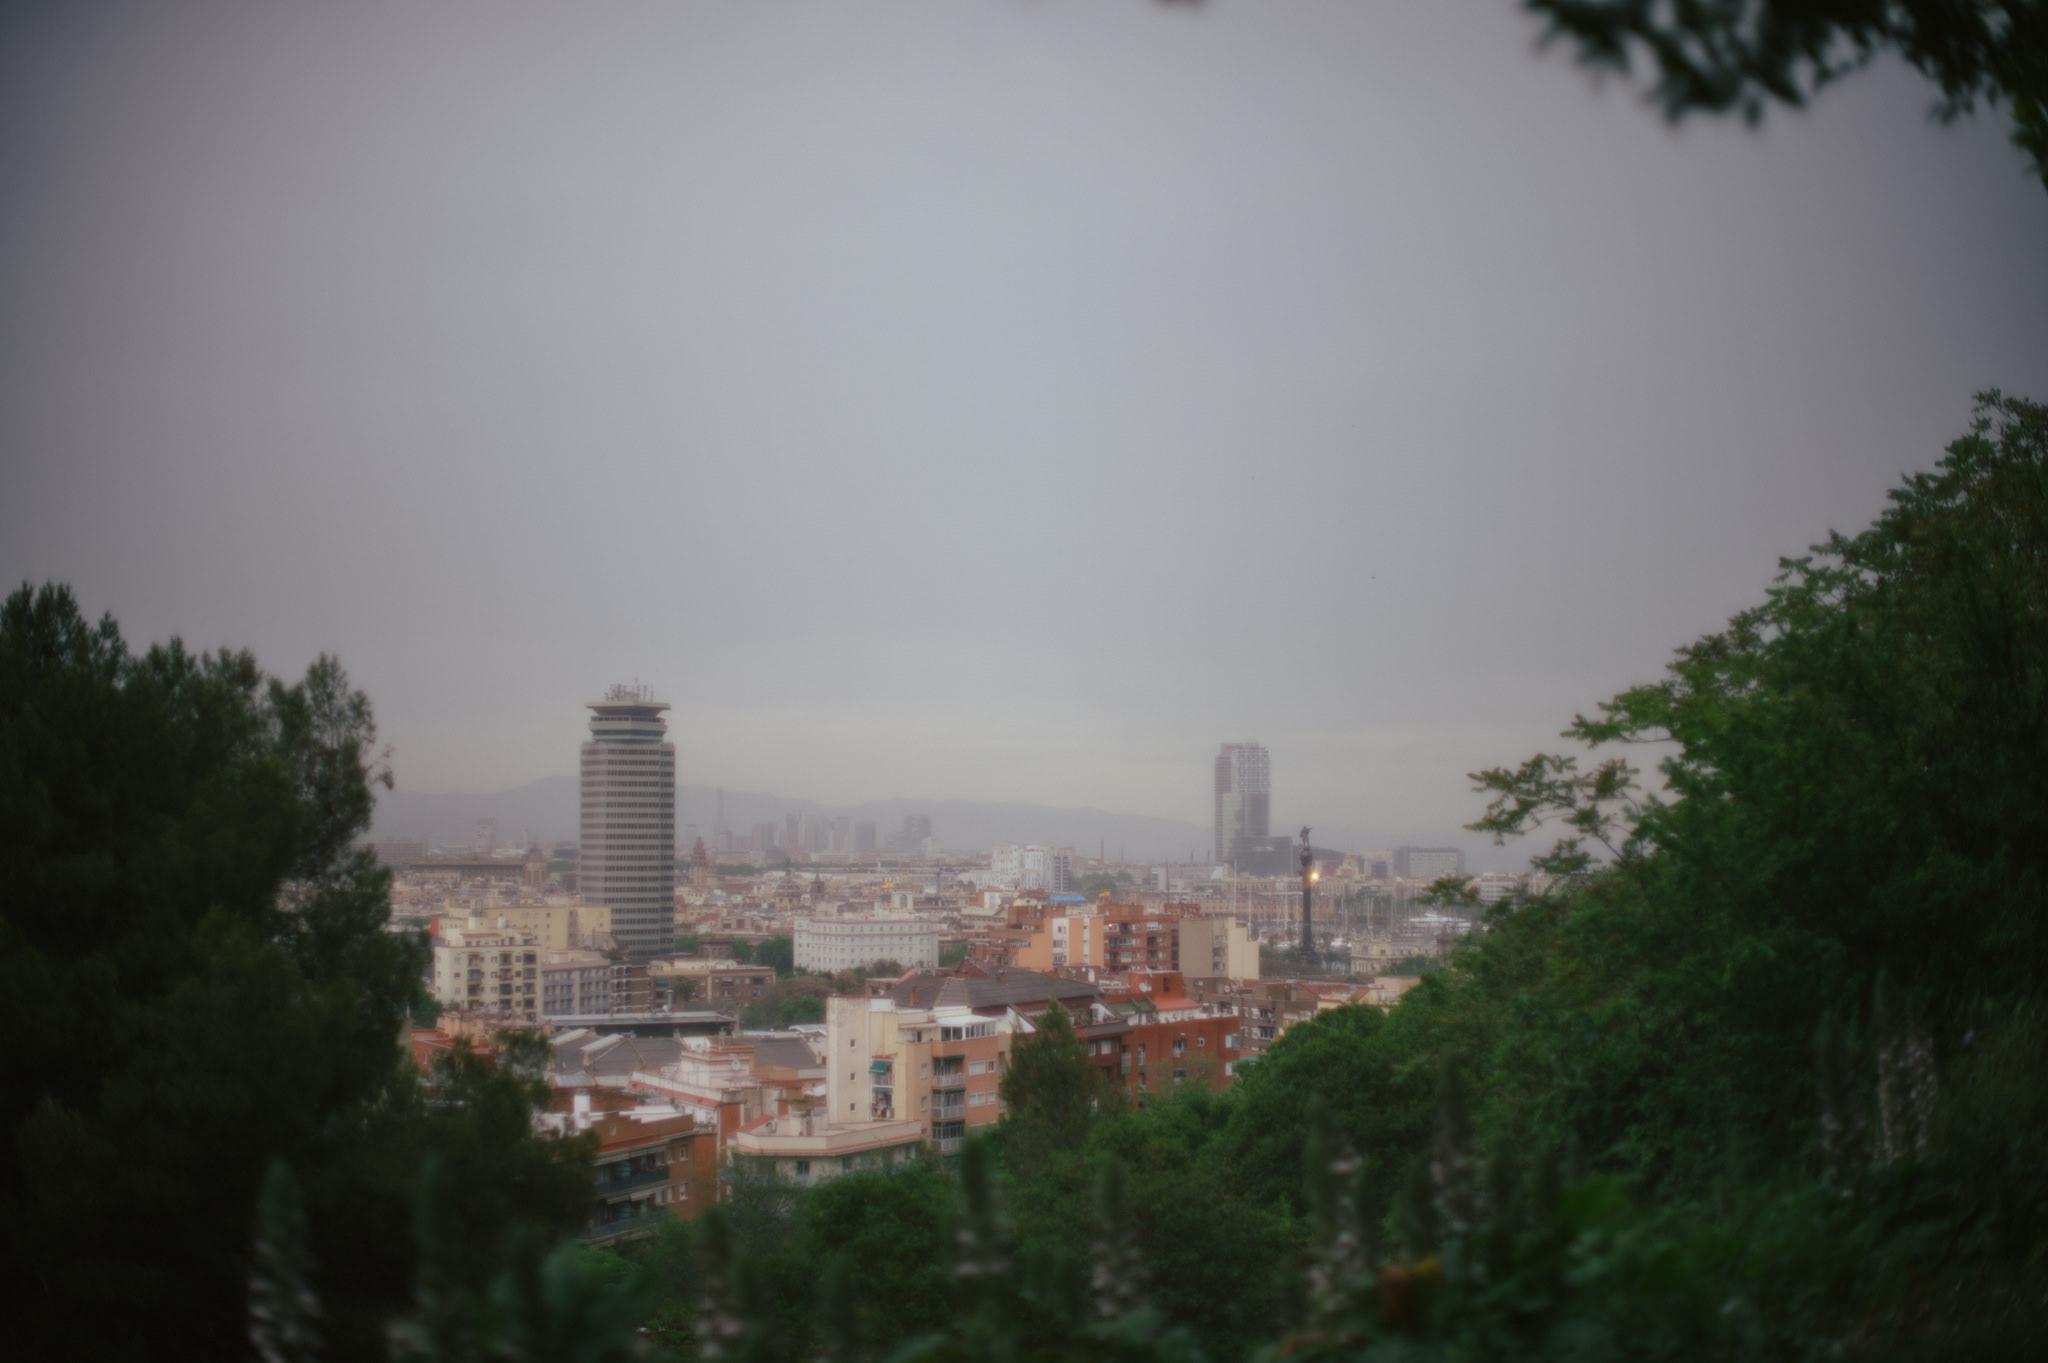 Rainy_Mirador_14